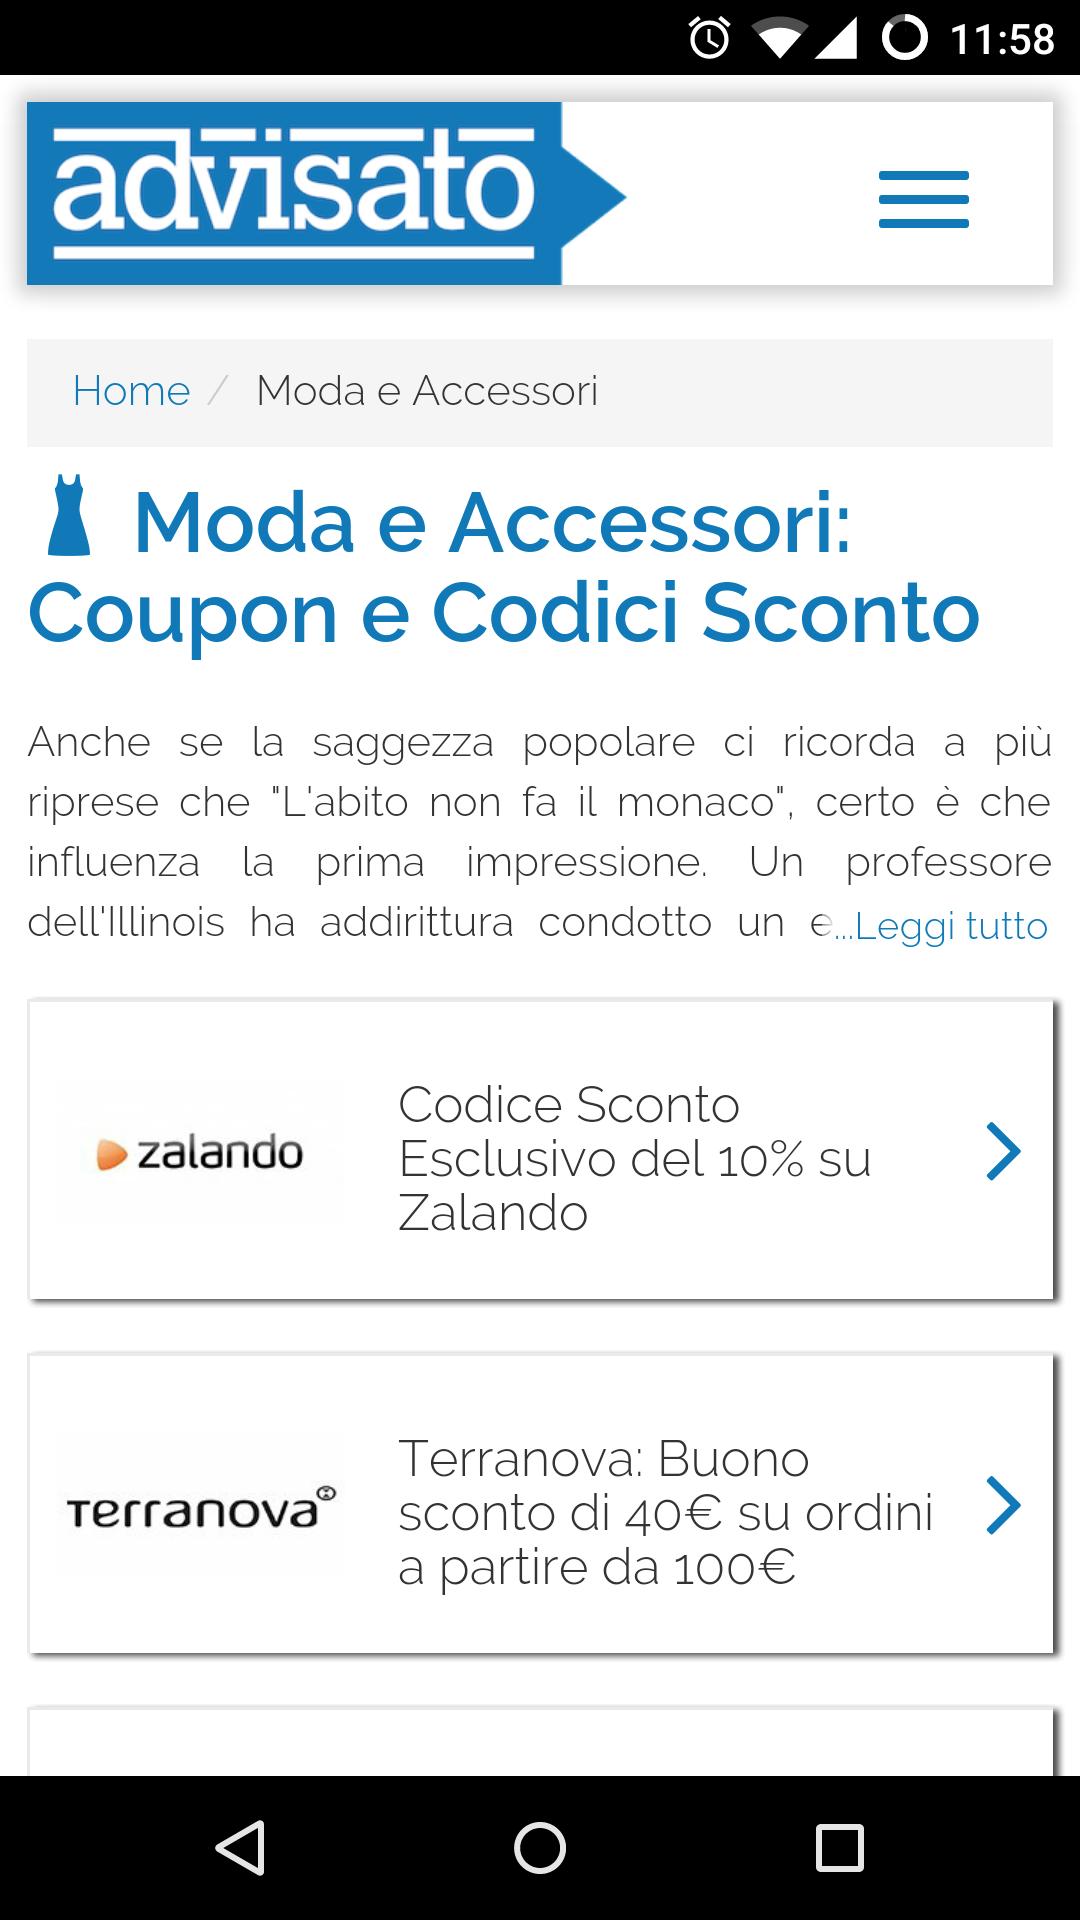 c2460e726e618 Amazon.com: advisato: Appstore for Android